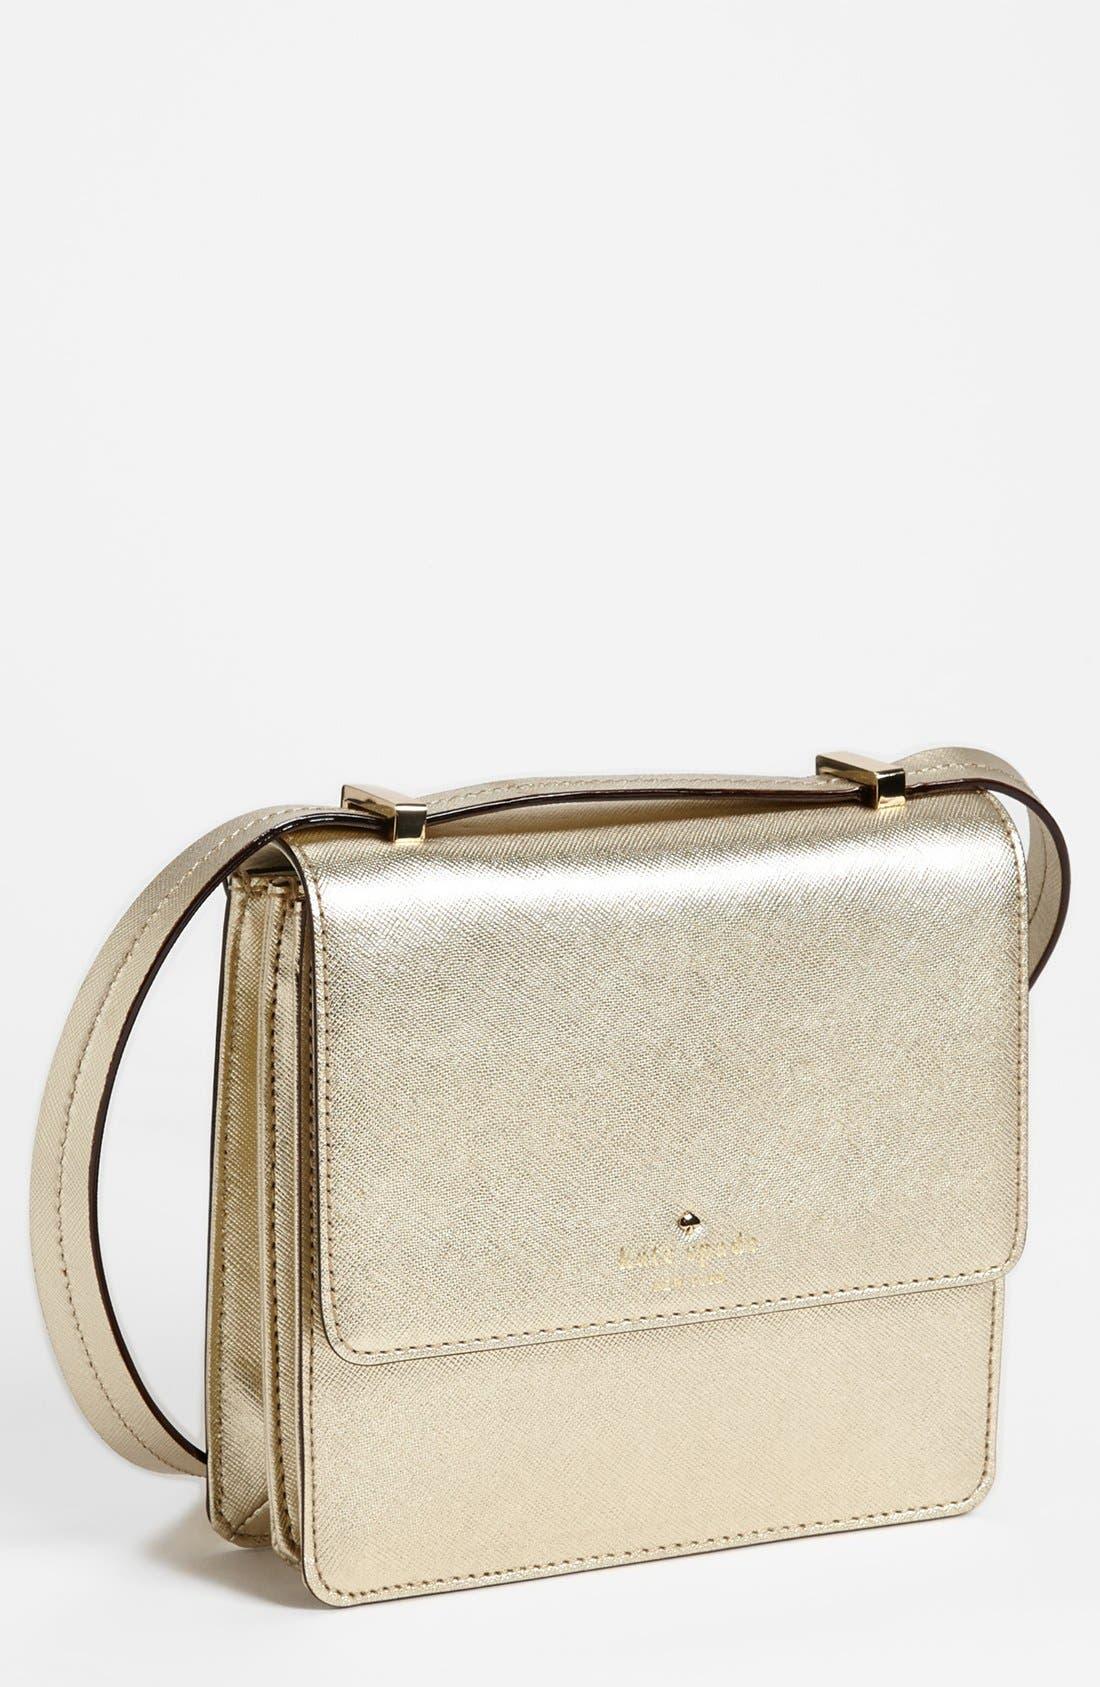 Main Image - kate spade new york 'mikas pond - nico' crossbody bag